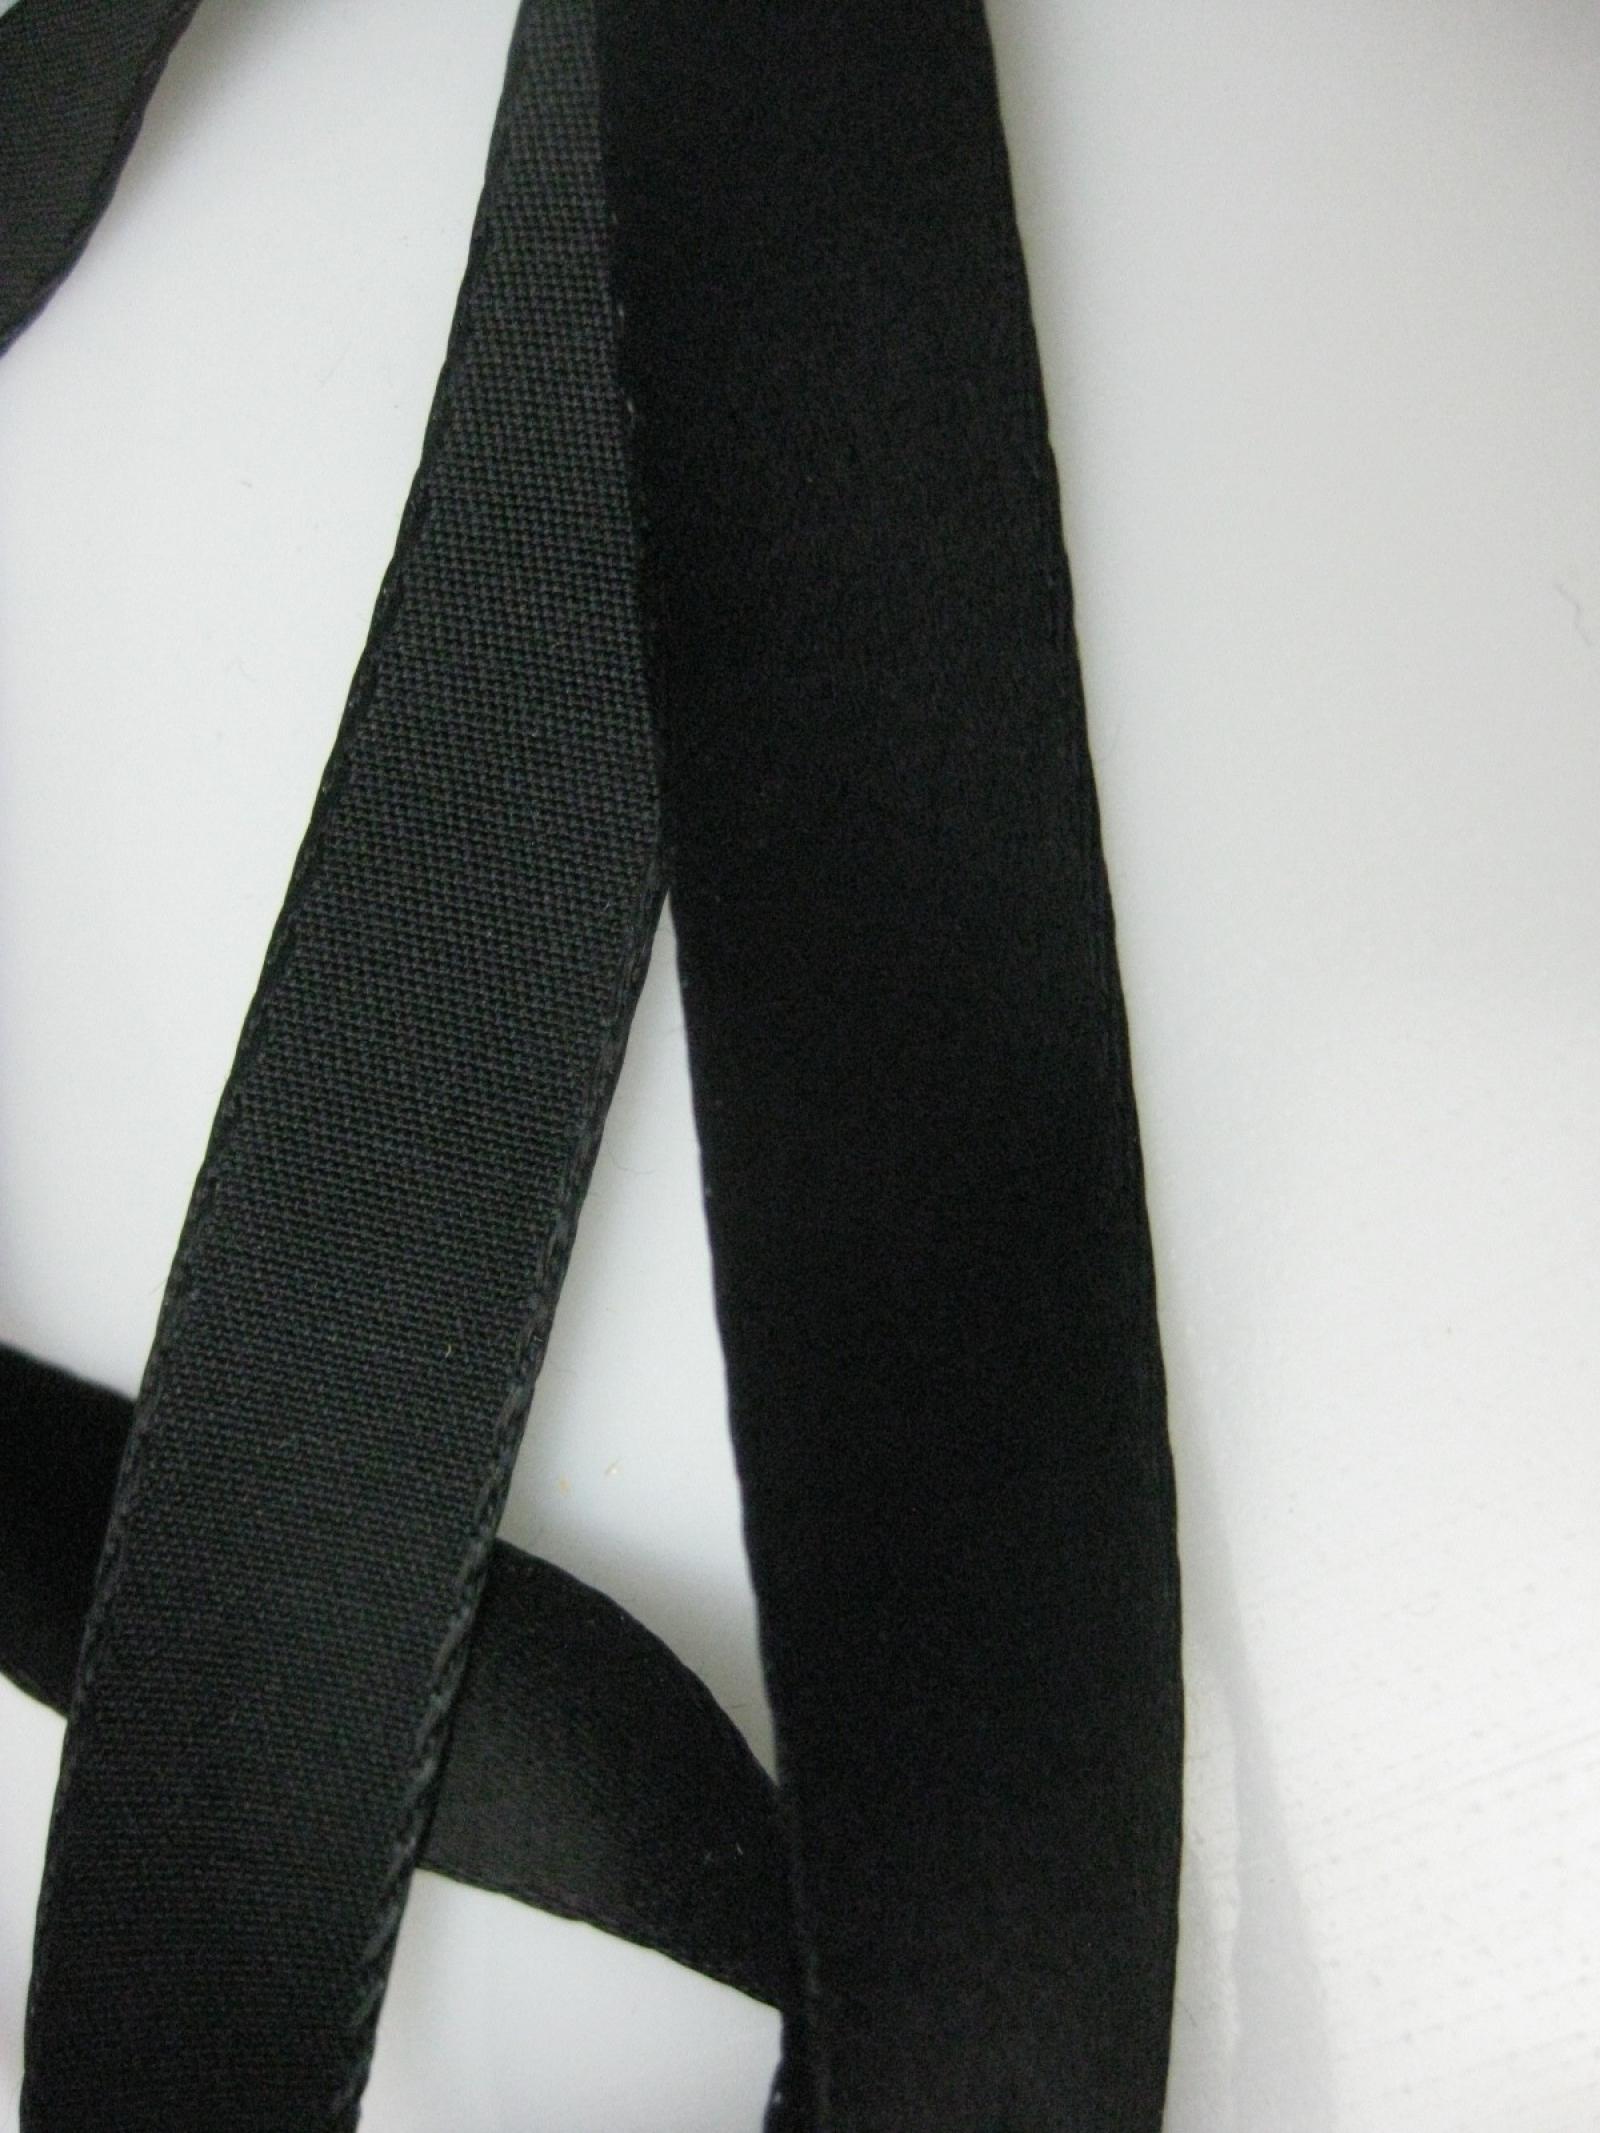 Vintage 30s French Black Satin Ribbon Cotton Back Rayon 5